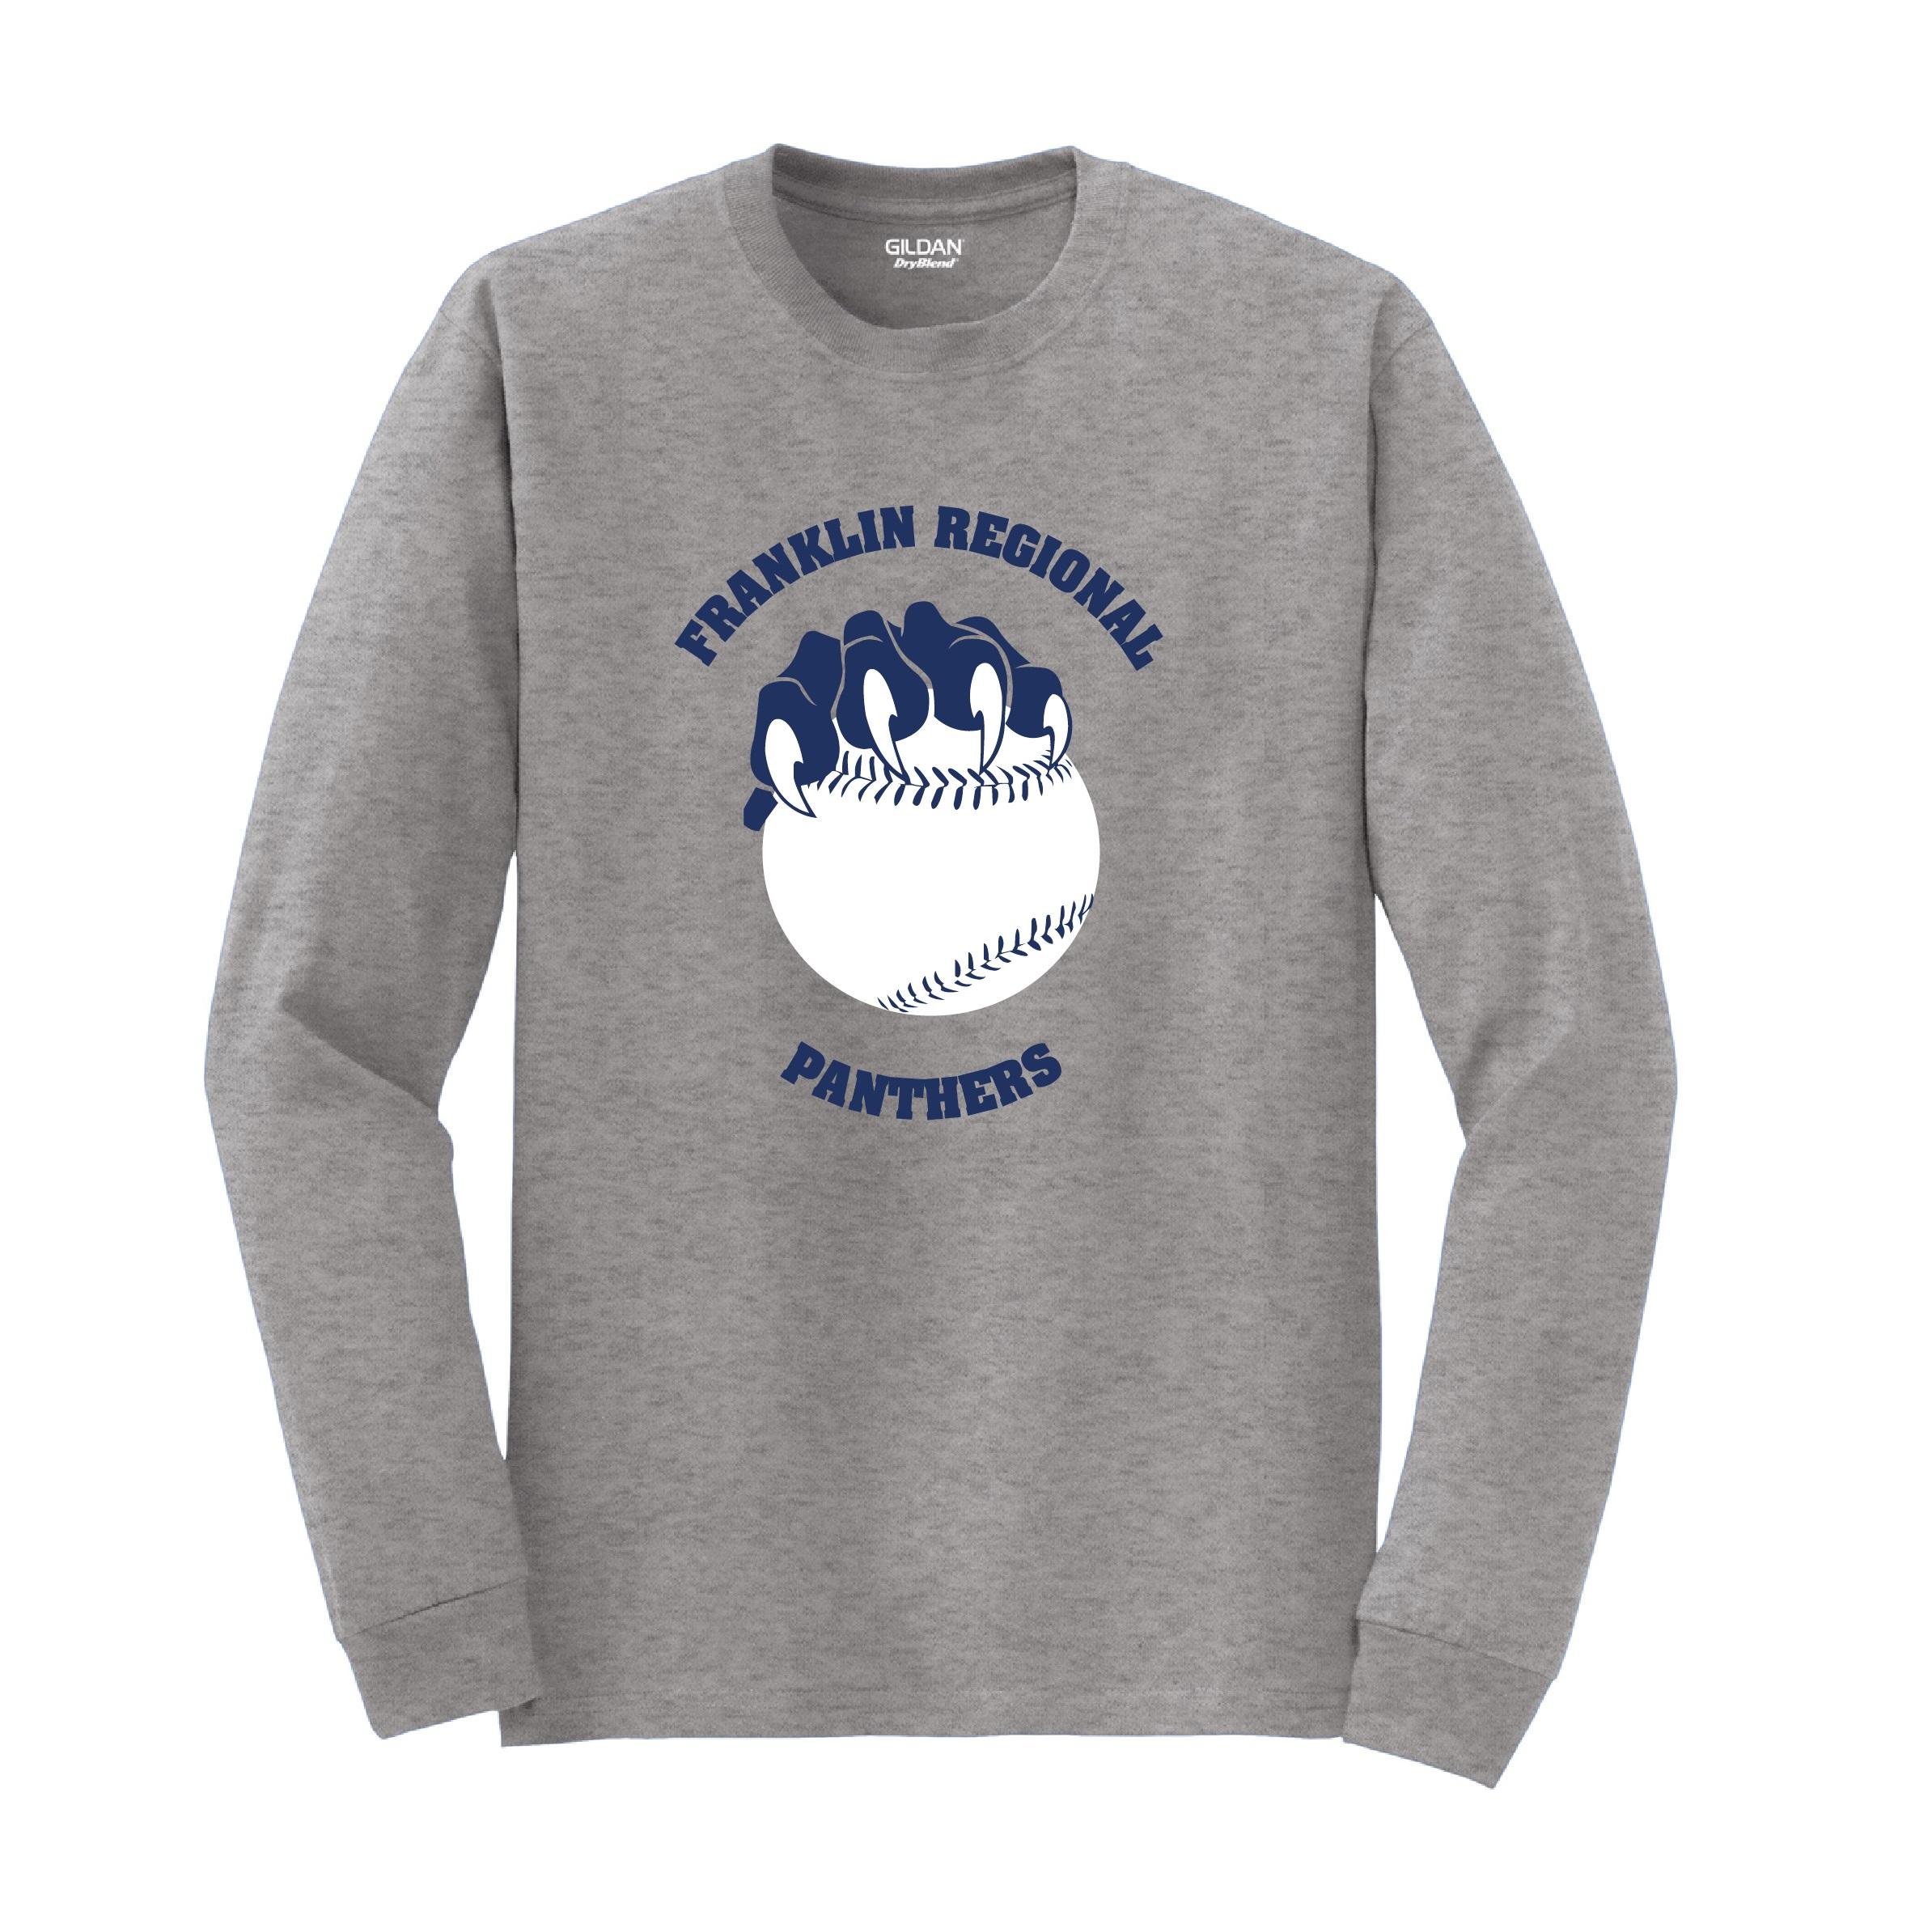 Gildan DryBlend 50/50 Long Sleeve T-Shirt